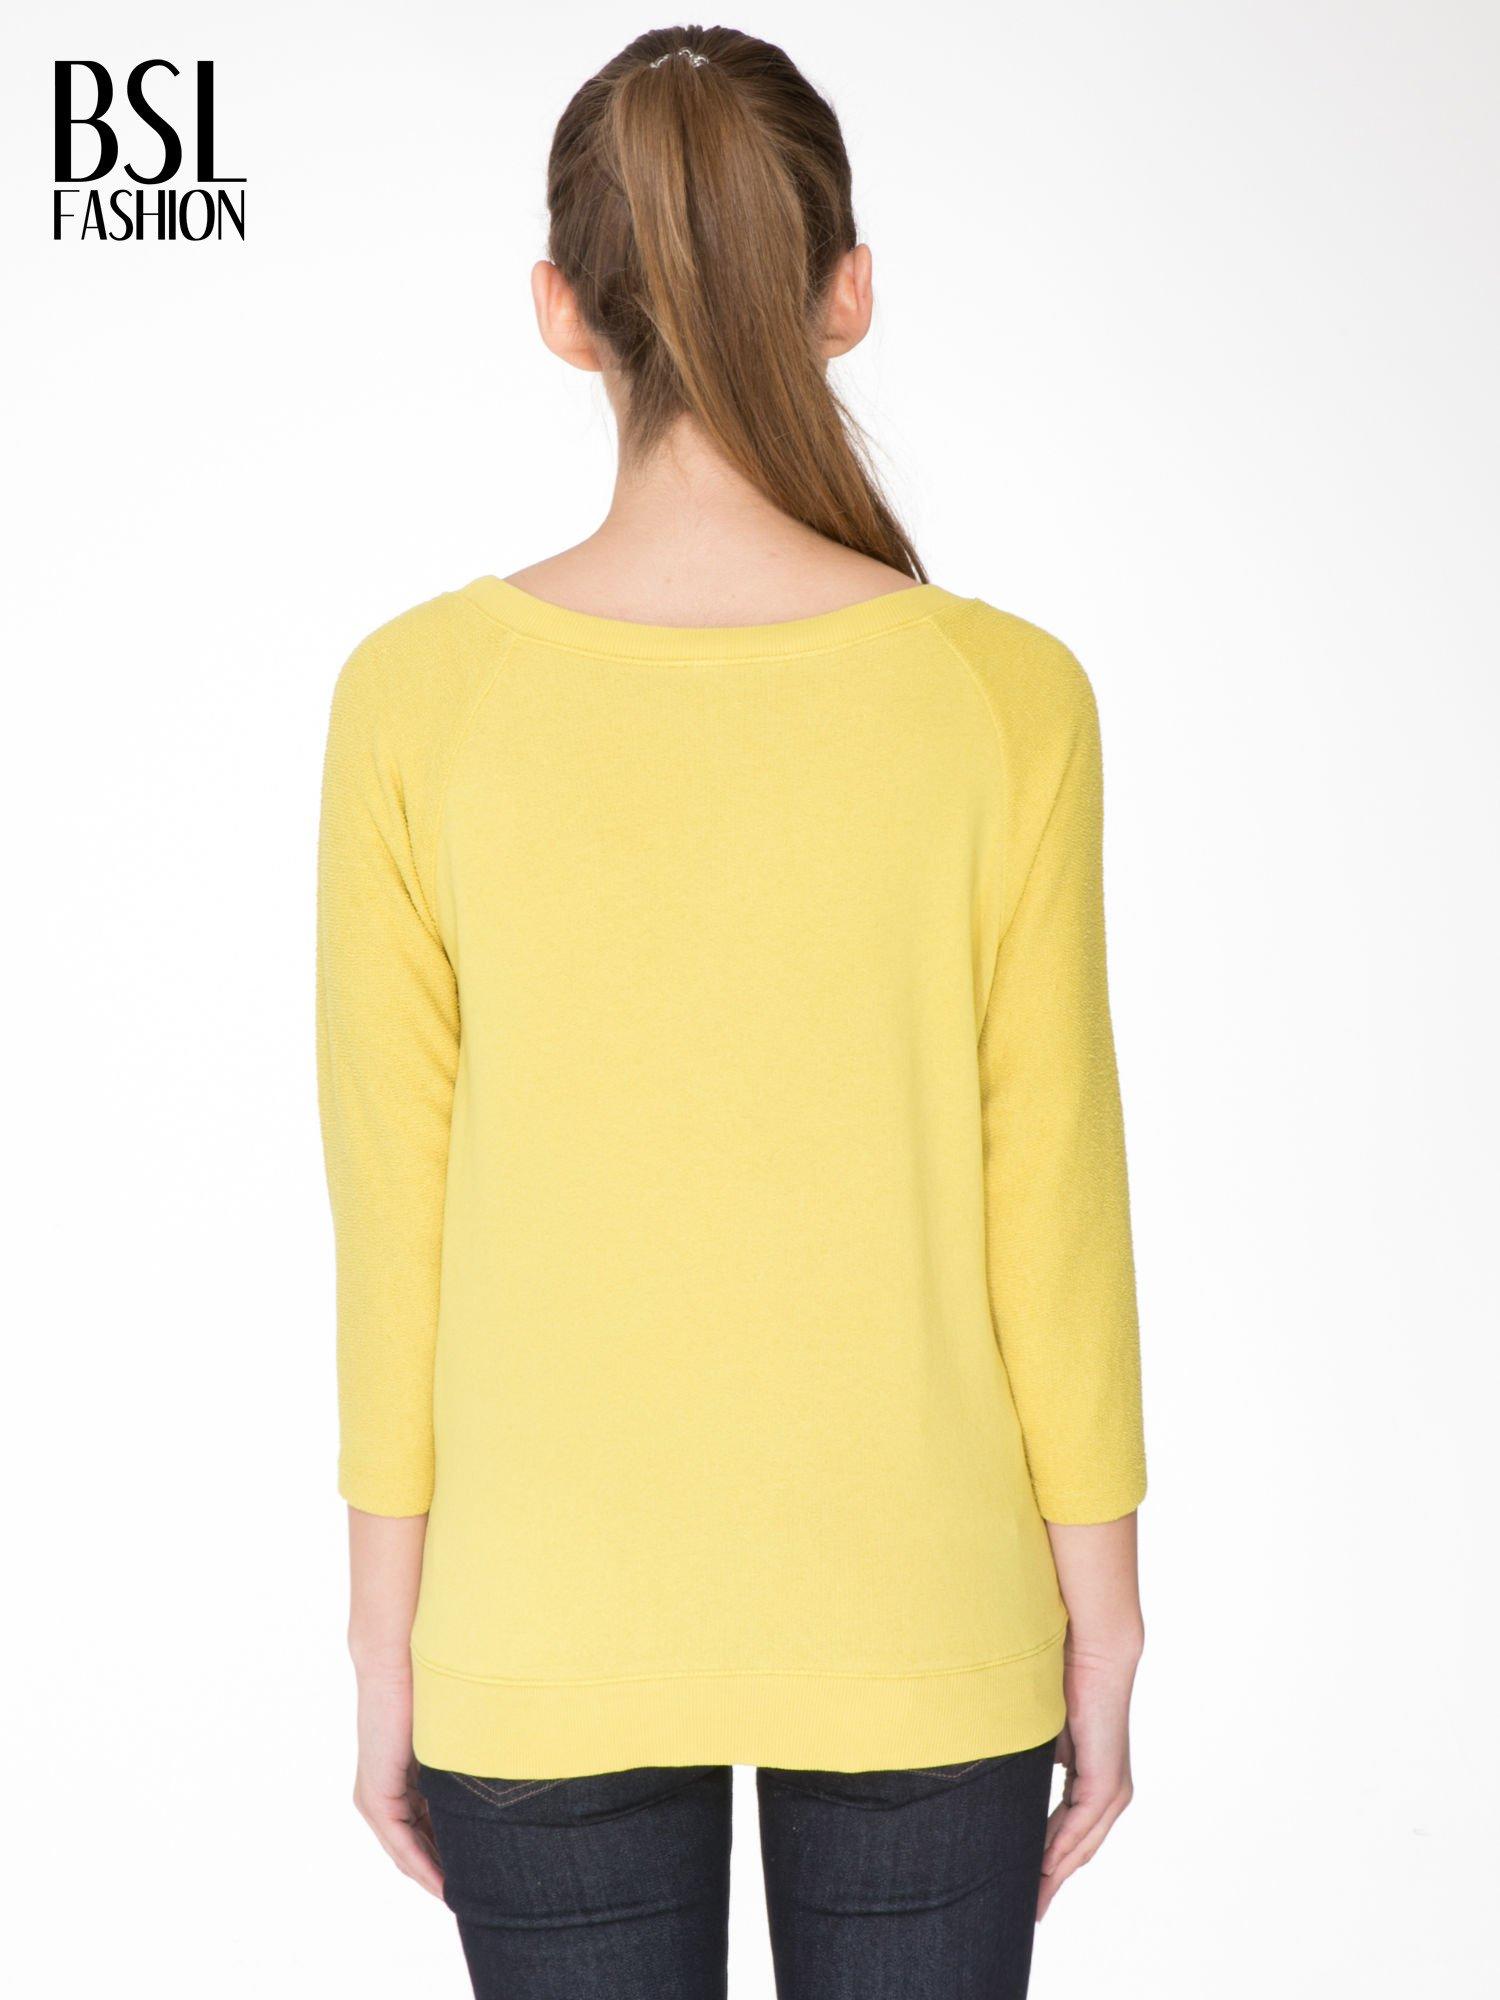 Żółta bluza oversize z łączonych materiałów                                  zdj.                                  4